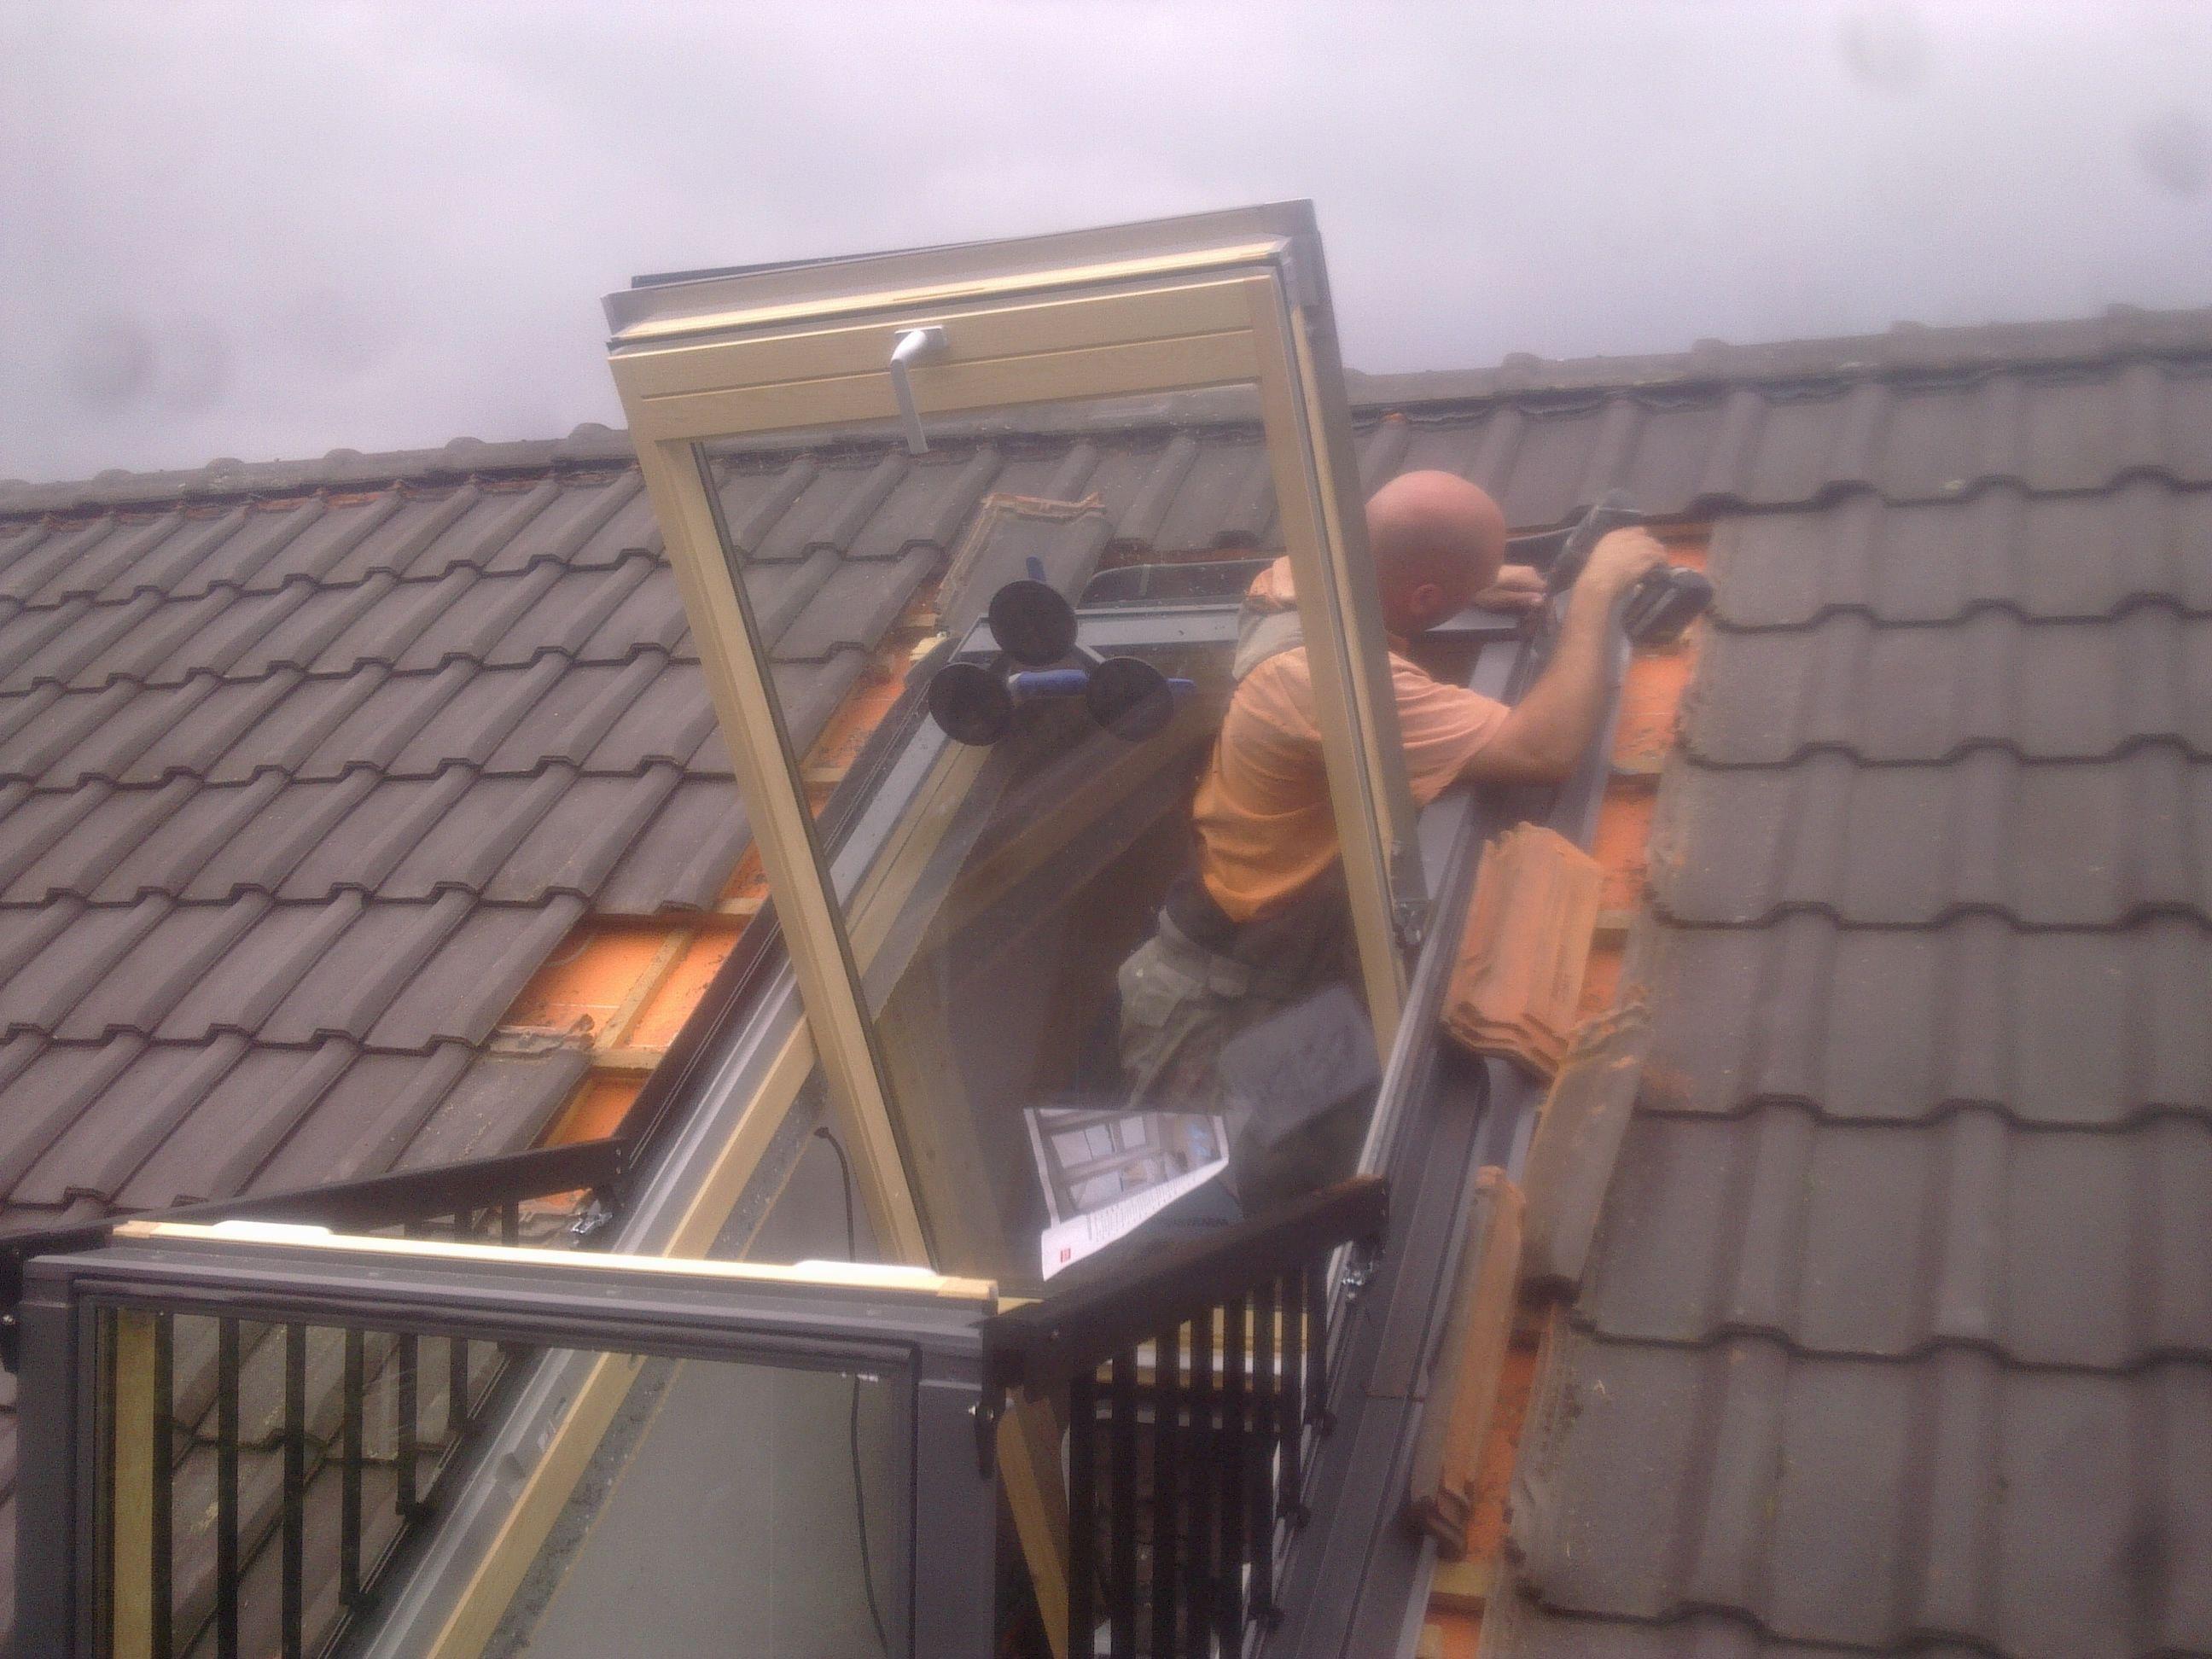 VELUX Cabrio balkon dakraam plaatsen, meer info www.DAKDIDAK.nl ...